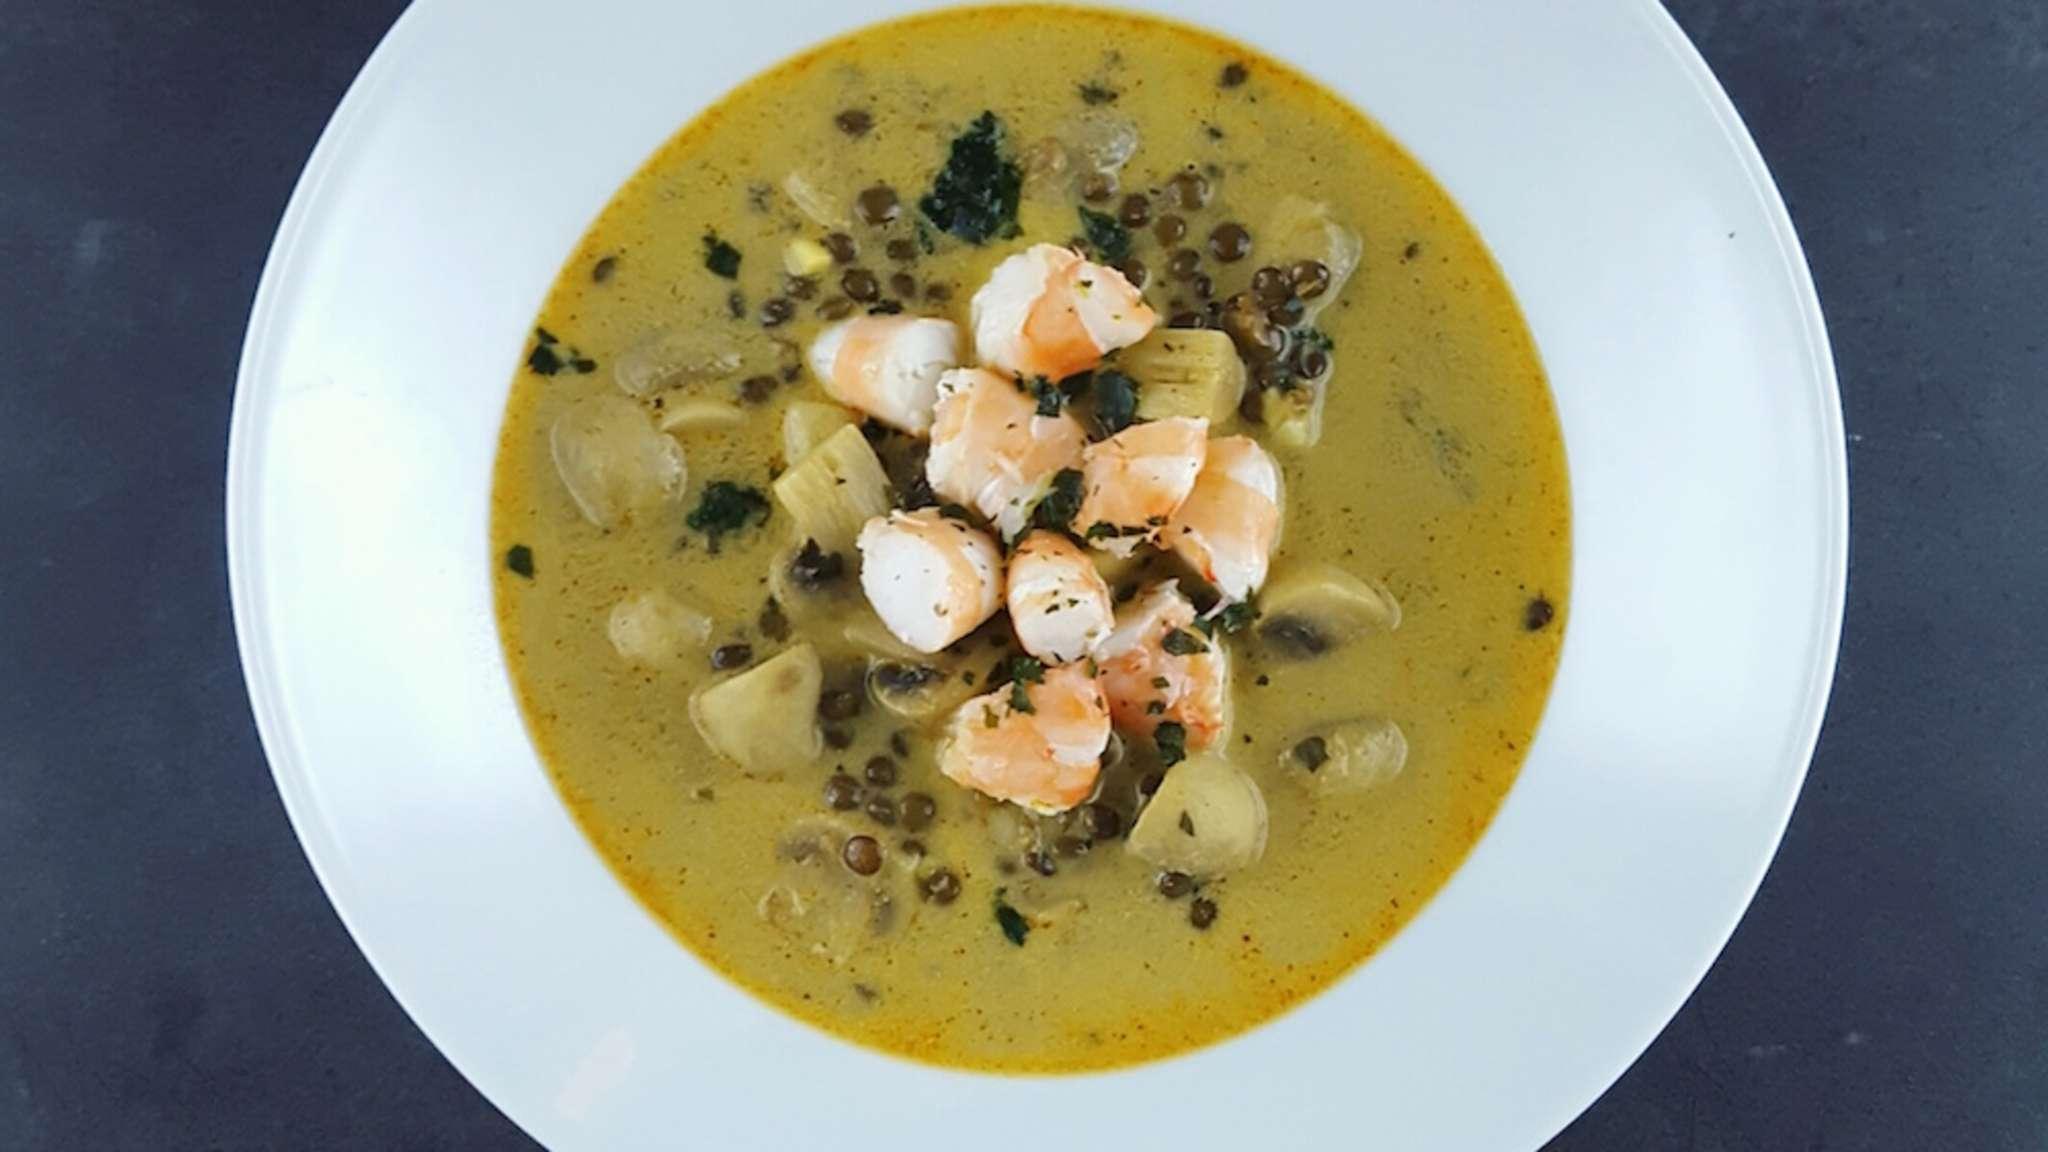 Soupe de crevettes, champignons et lentilles au curry